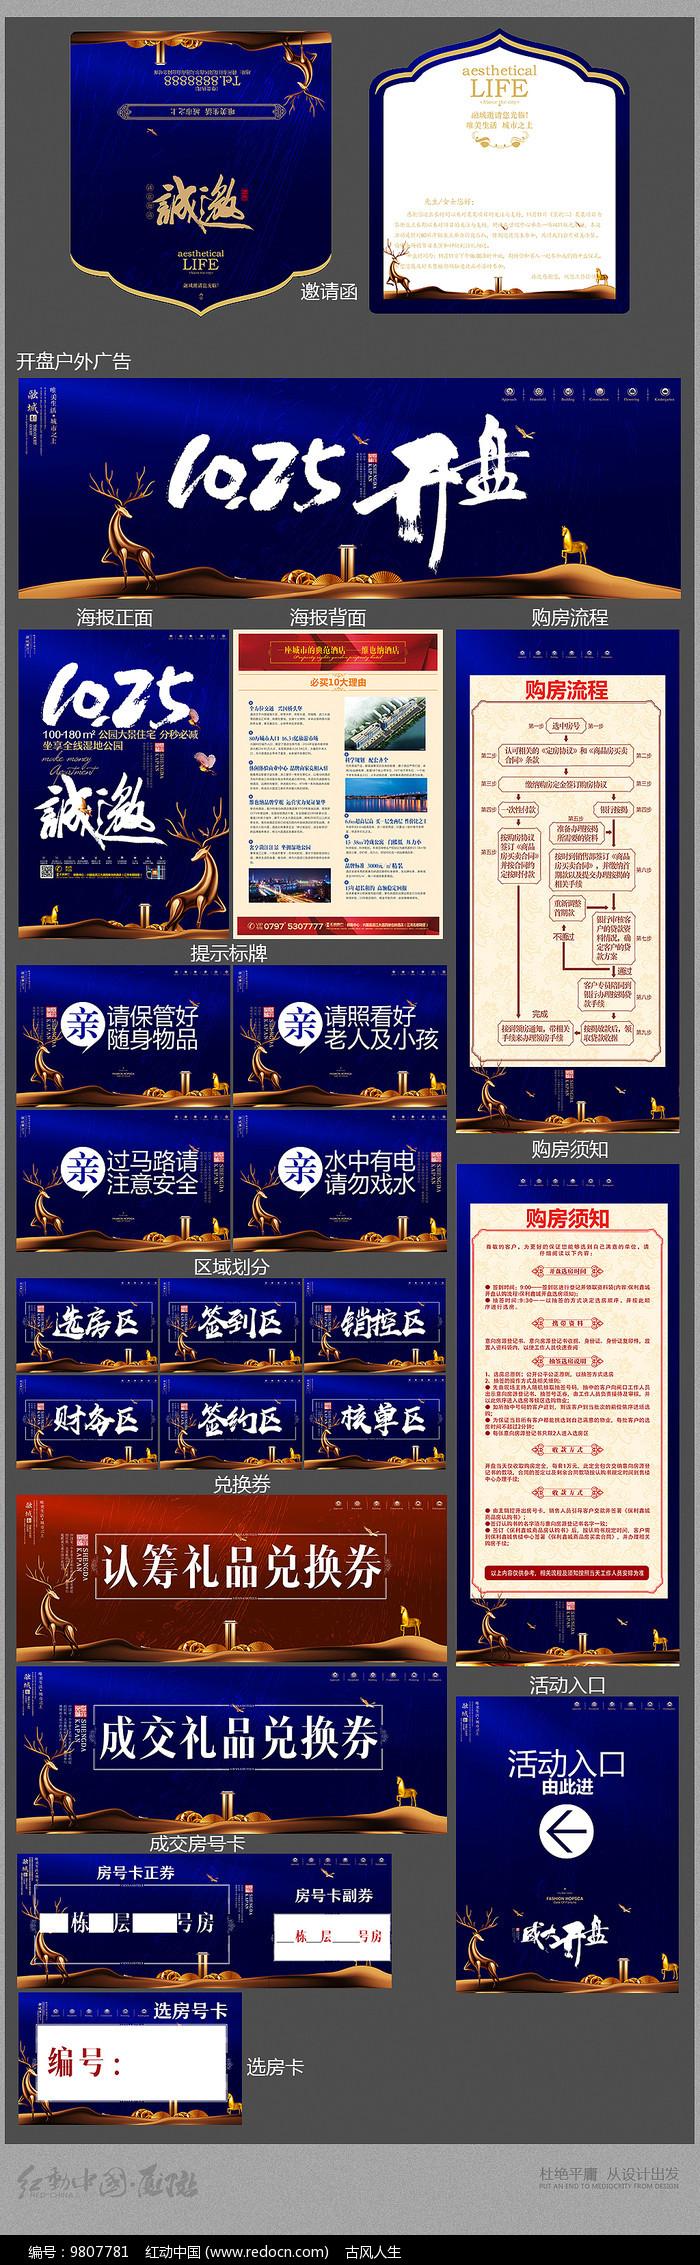 高端蓝色地产开盘广告物料图片